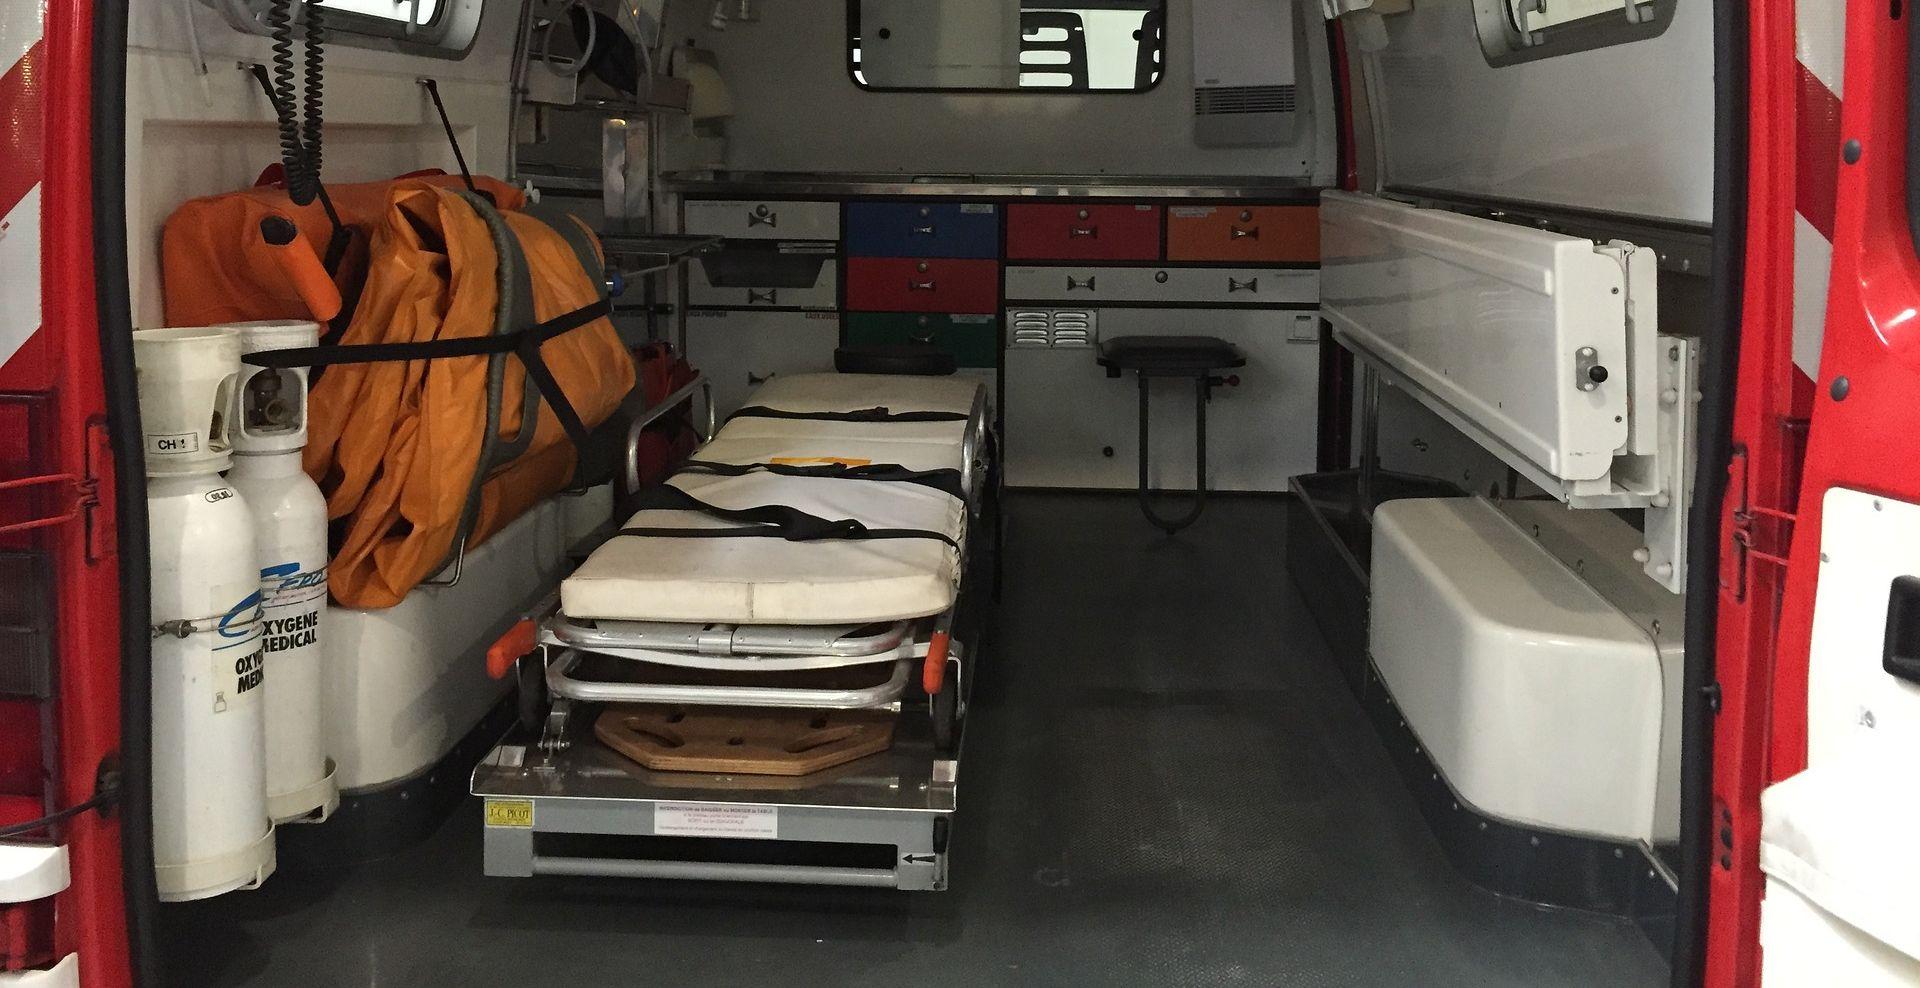 Pacijent ispao iz vozila Hitne pomoći i poginuo